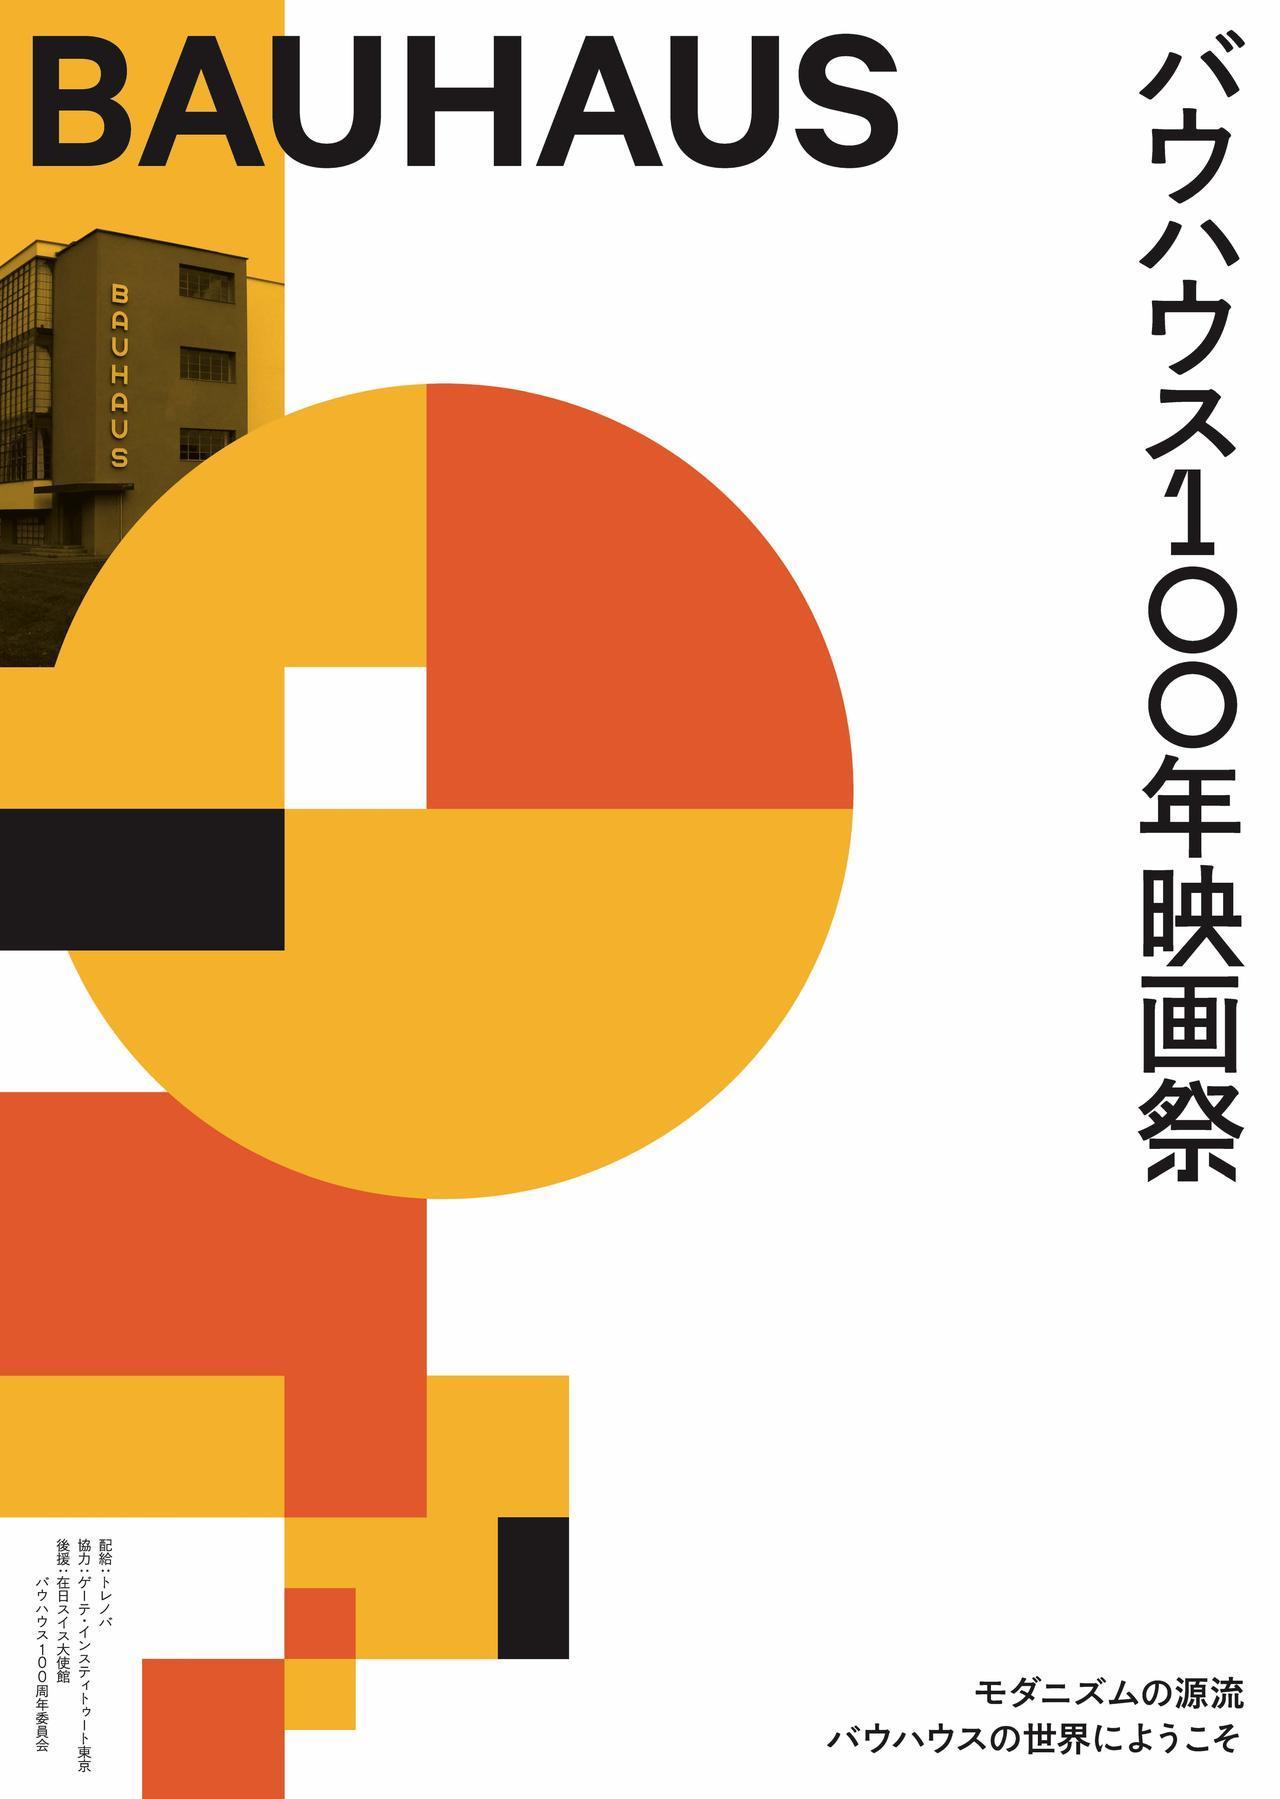 """画像: 20世紀の二つの大戦の間に生まれたデザイン・アート・建築の奇跡— """"バウハウス""""とはいったい何なのか? 『バウハウス 100年映画祭』開催!"""